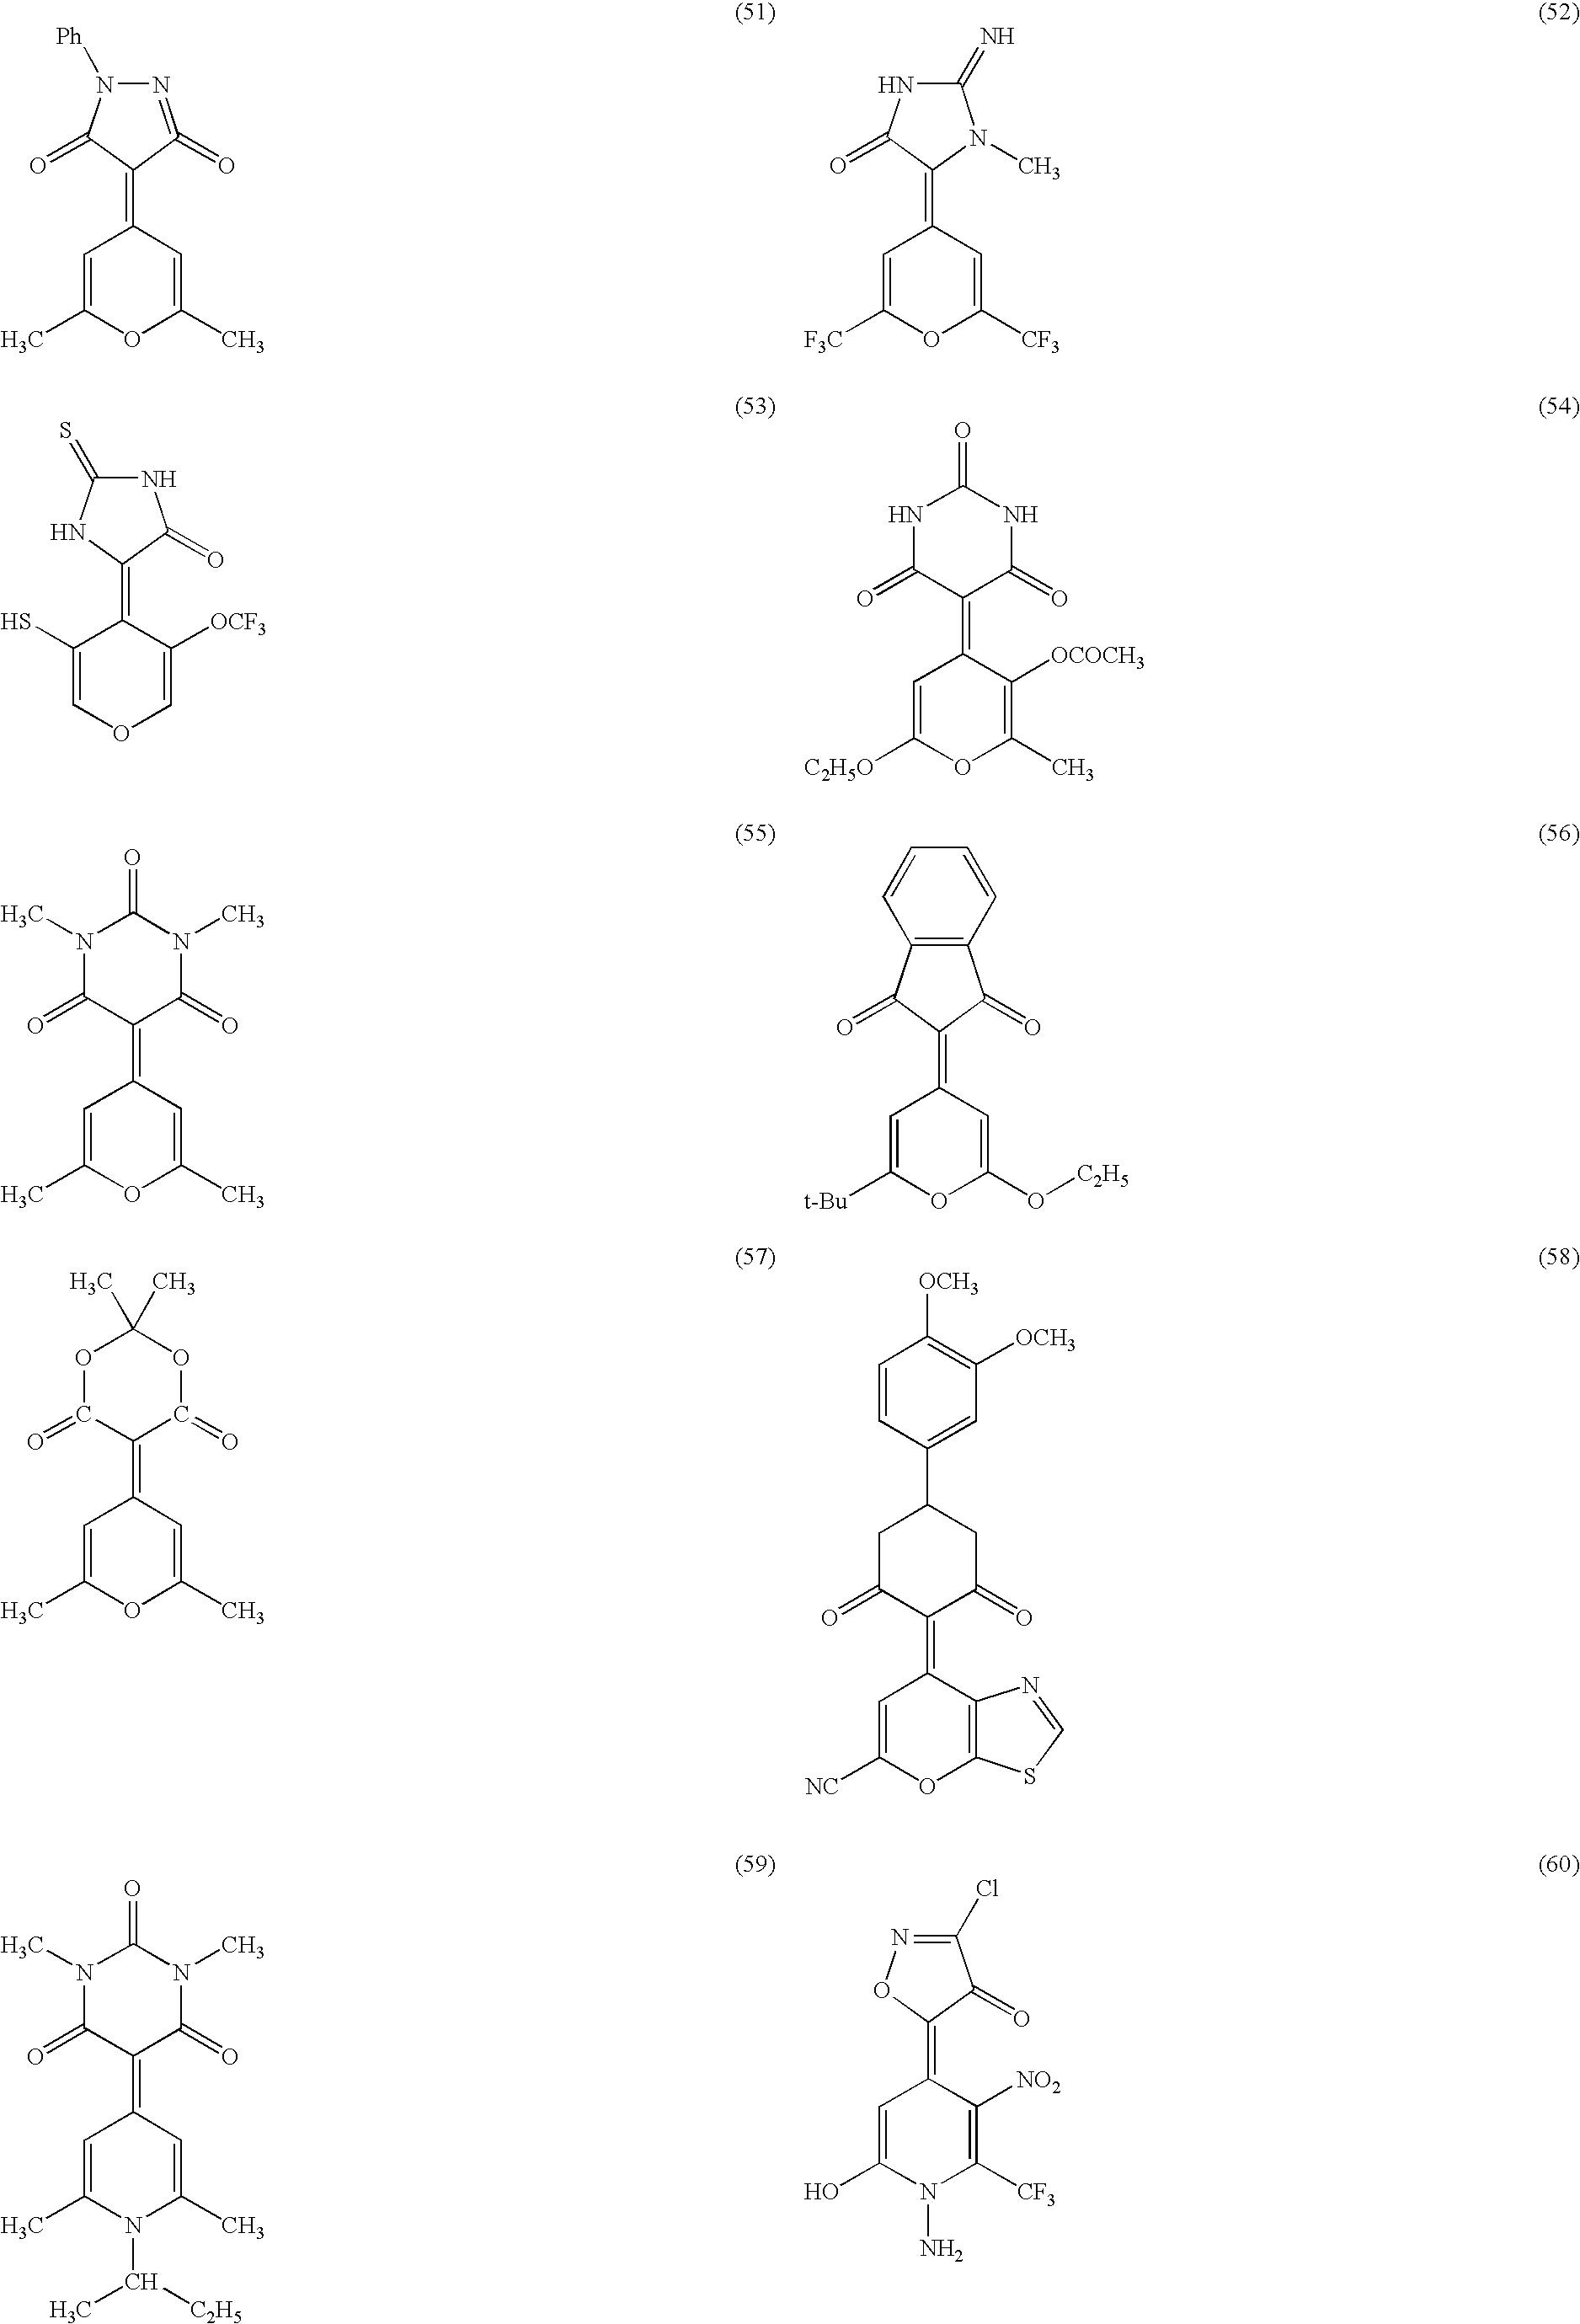 Figure US06815033-20041109-C00025